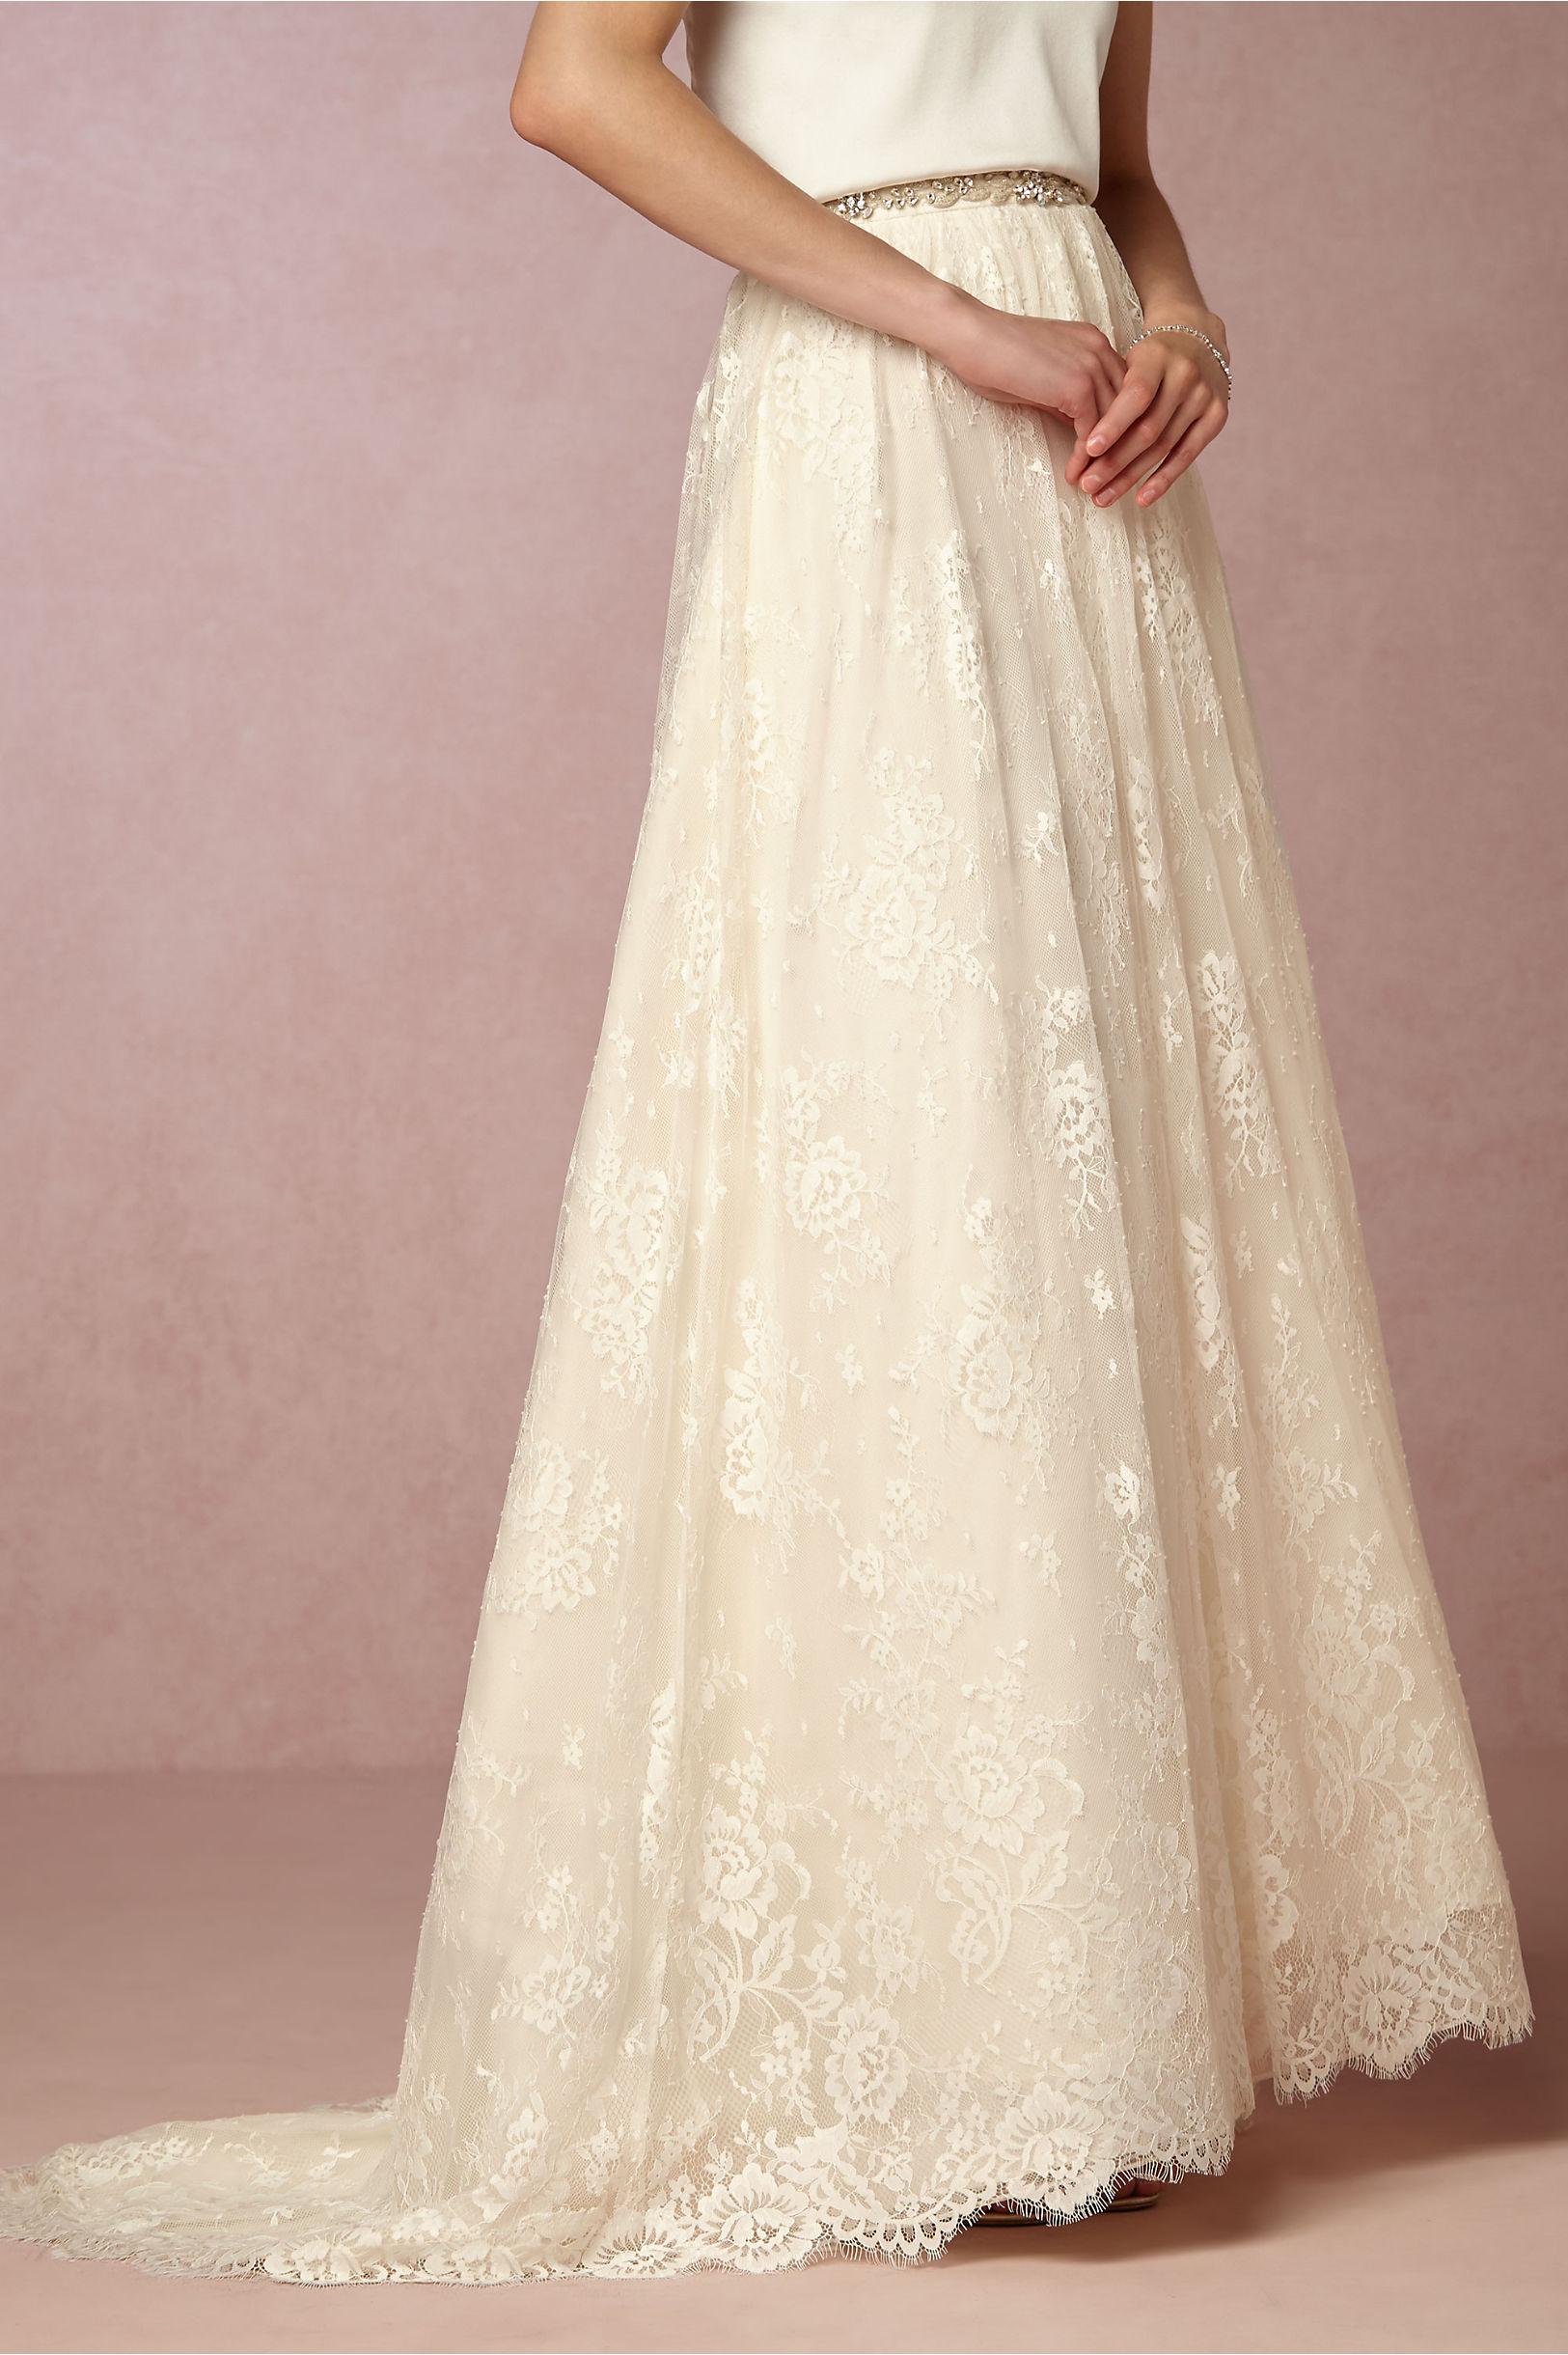 Amber Skirt in Sale | BHLDN